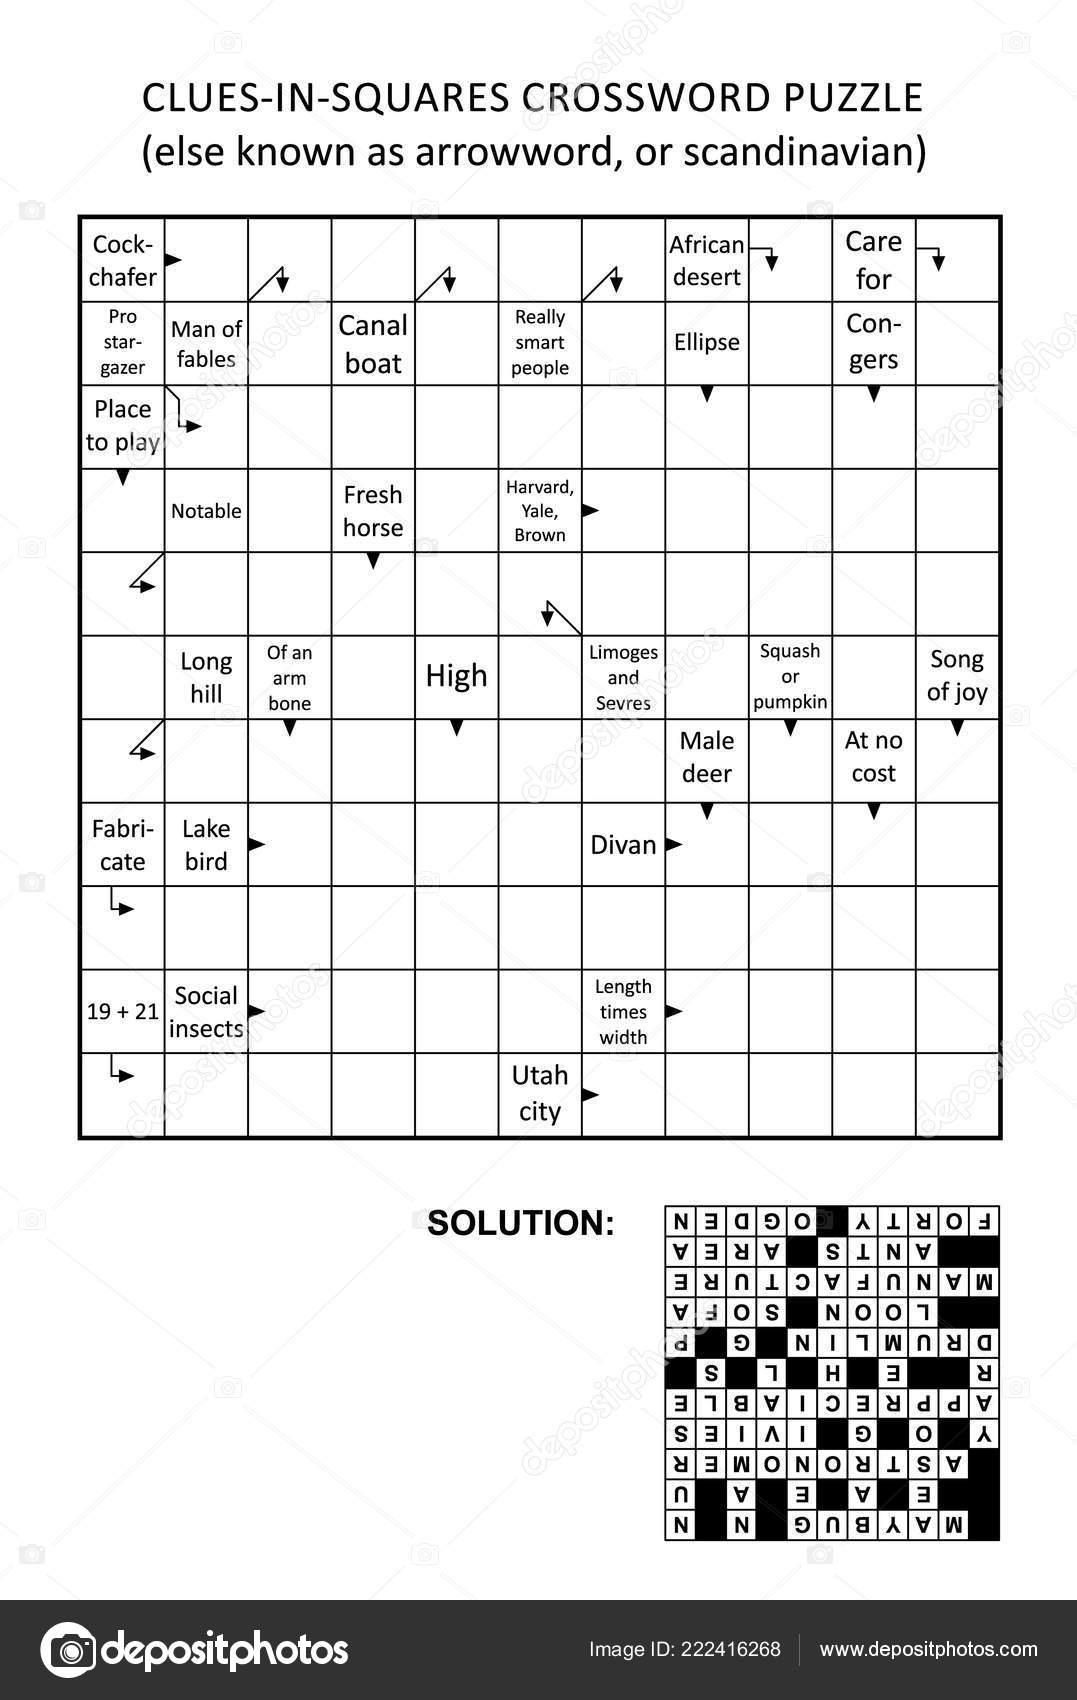 Scandinavian crosswords: a selection of sites